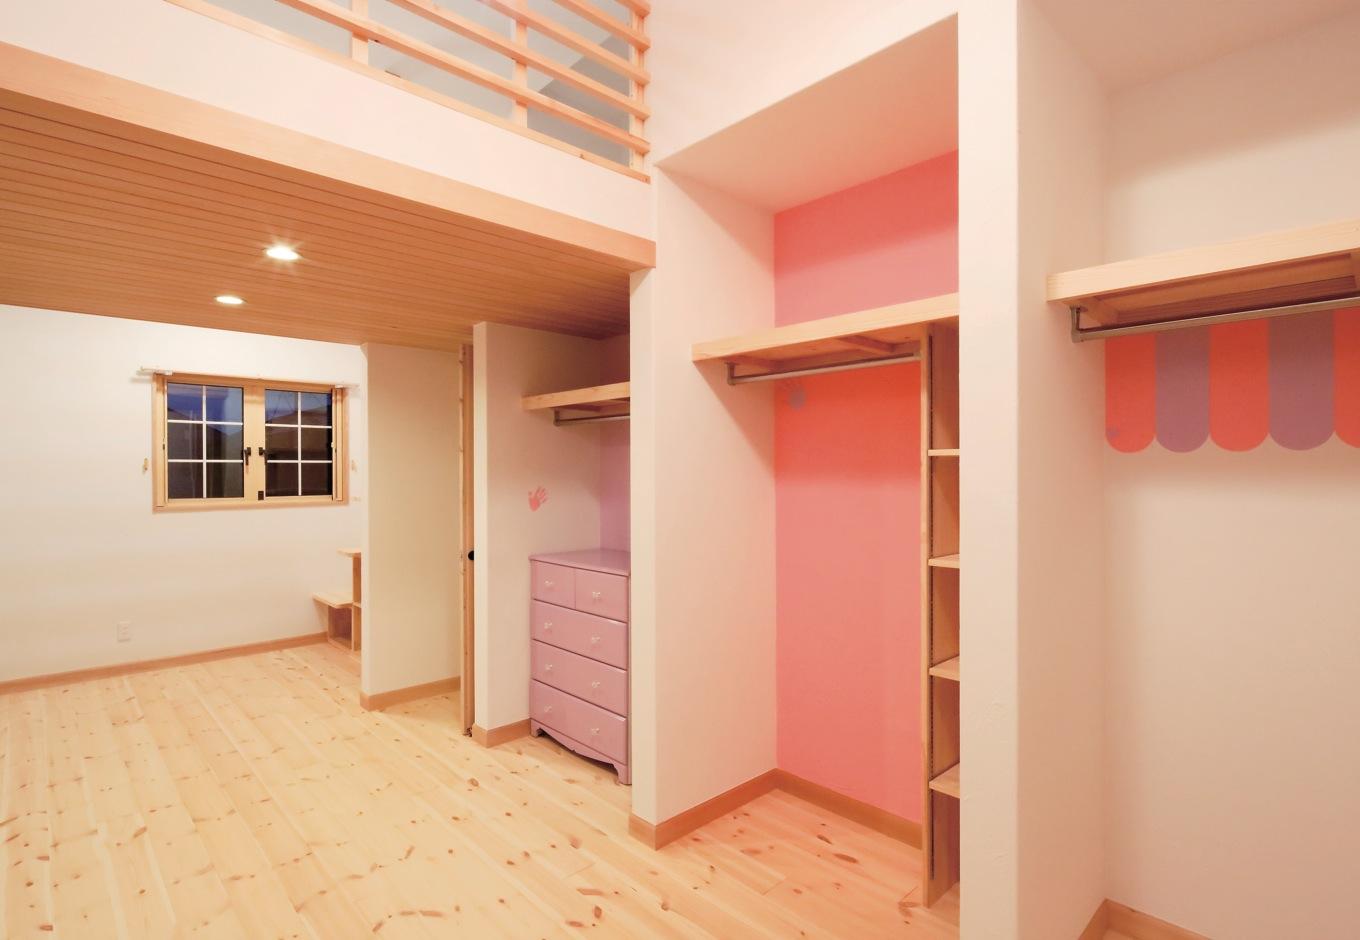 Dサポート【輸入住宅、二世帯住宅、自然素材】子ども部屋は娘3人で共用。それぞれのクローゼットは、子どもたちが好きなようにペインティングした